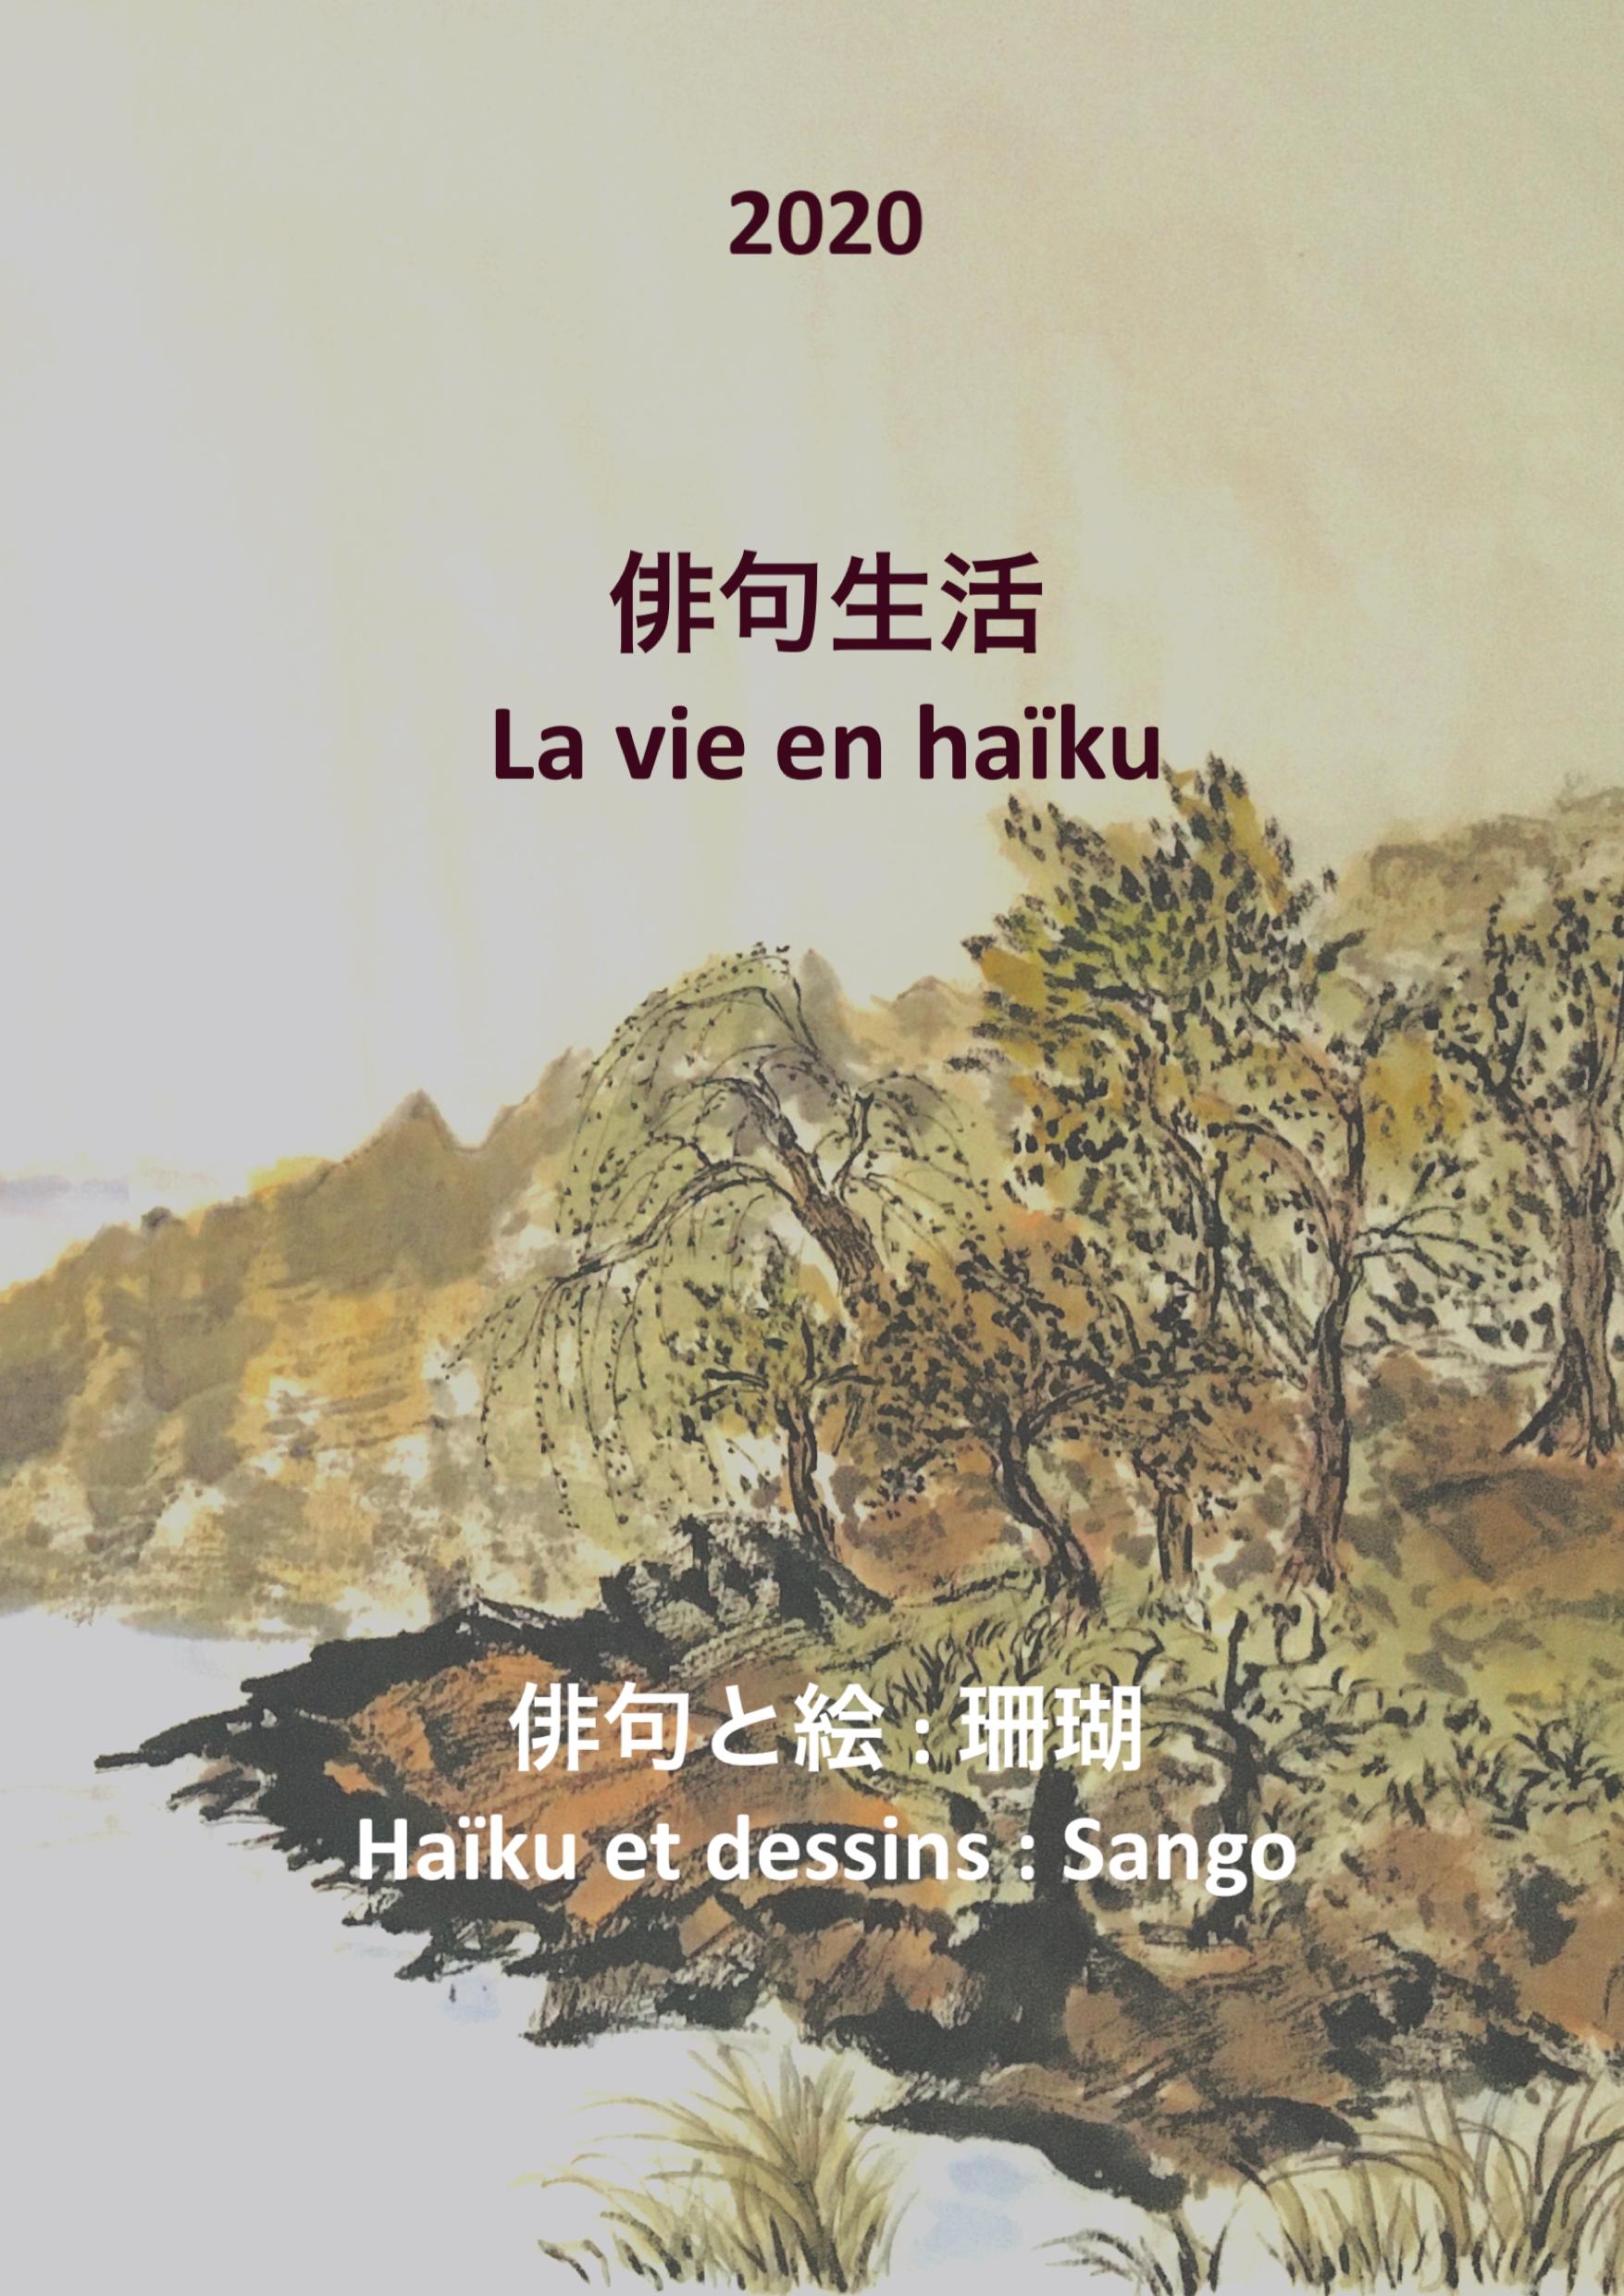 俳句生活 - La vie en haïku